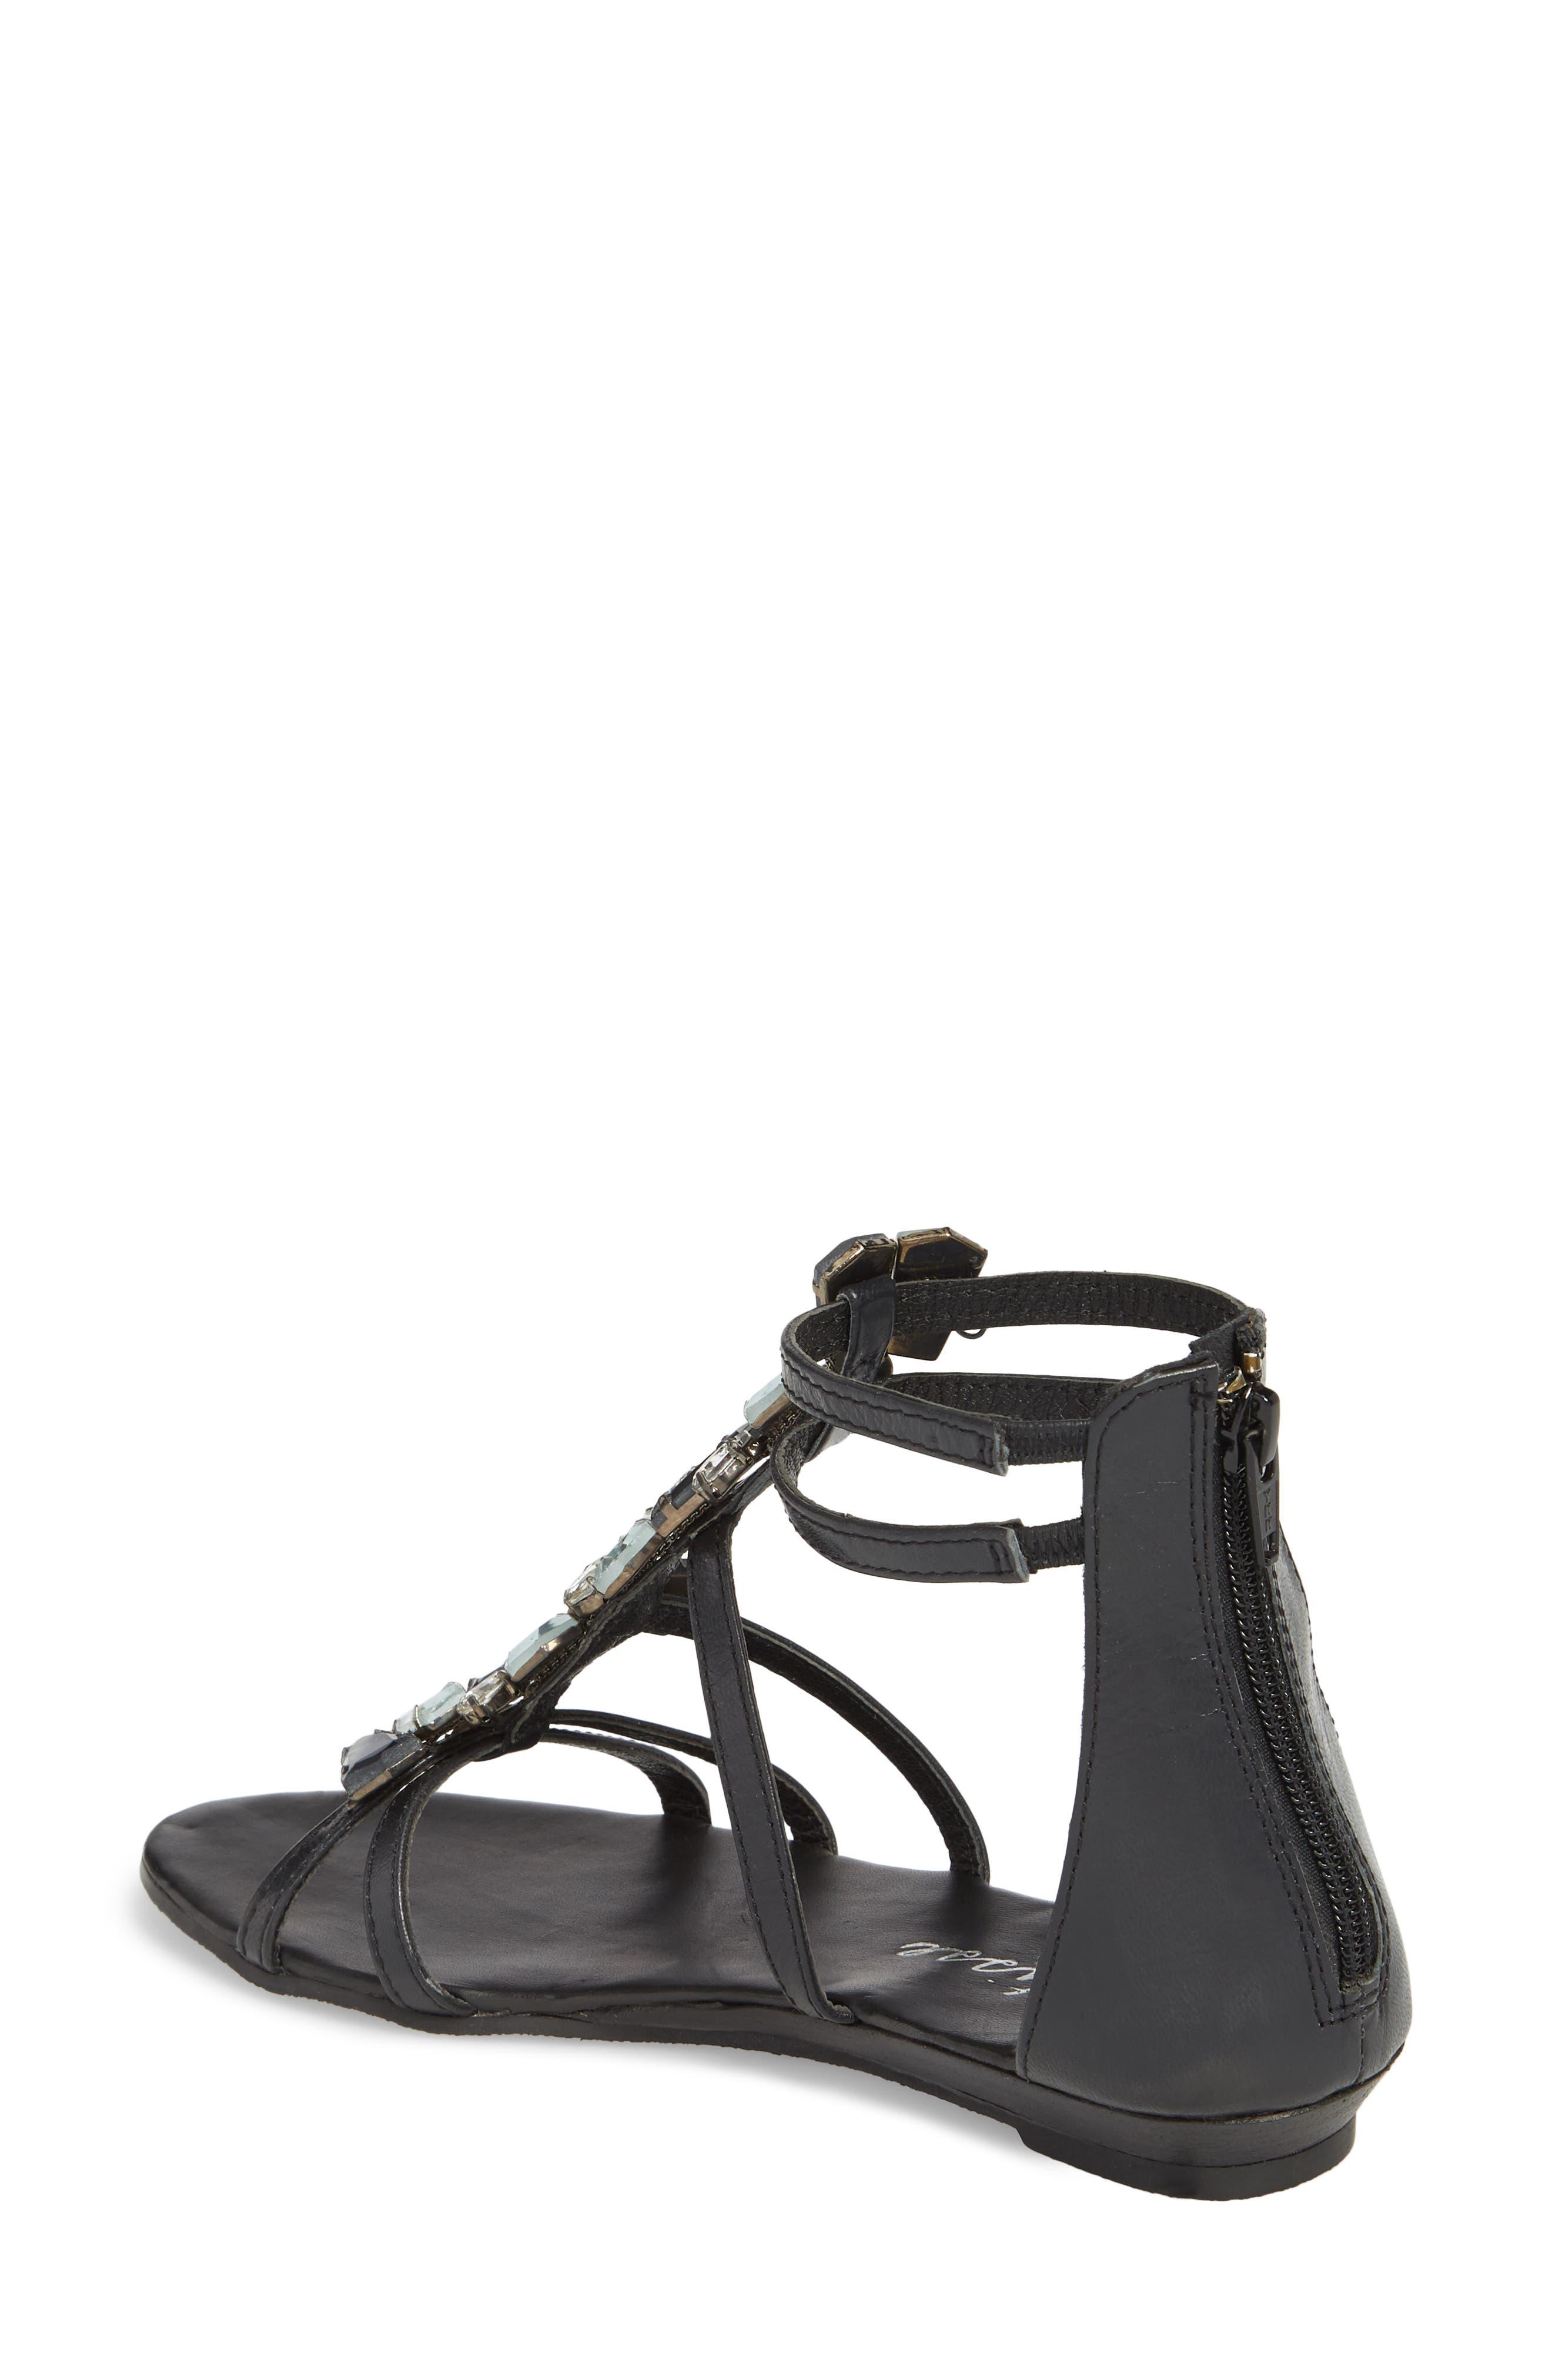 Didi Crystal Embellished Sandal,                             Alternate thumbnail 2, color,                             BLACK LEATHER